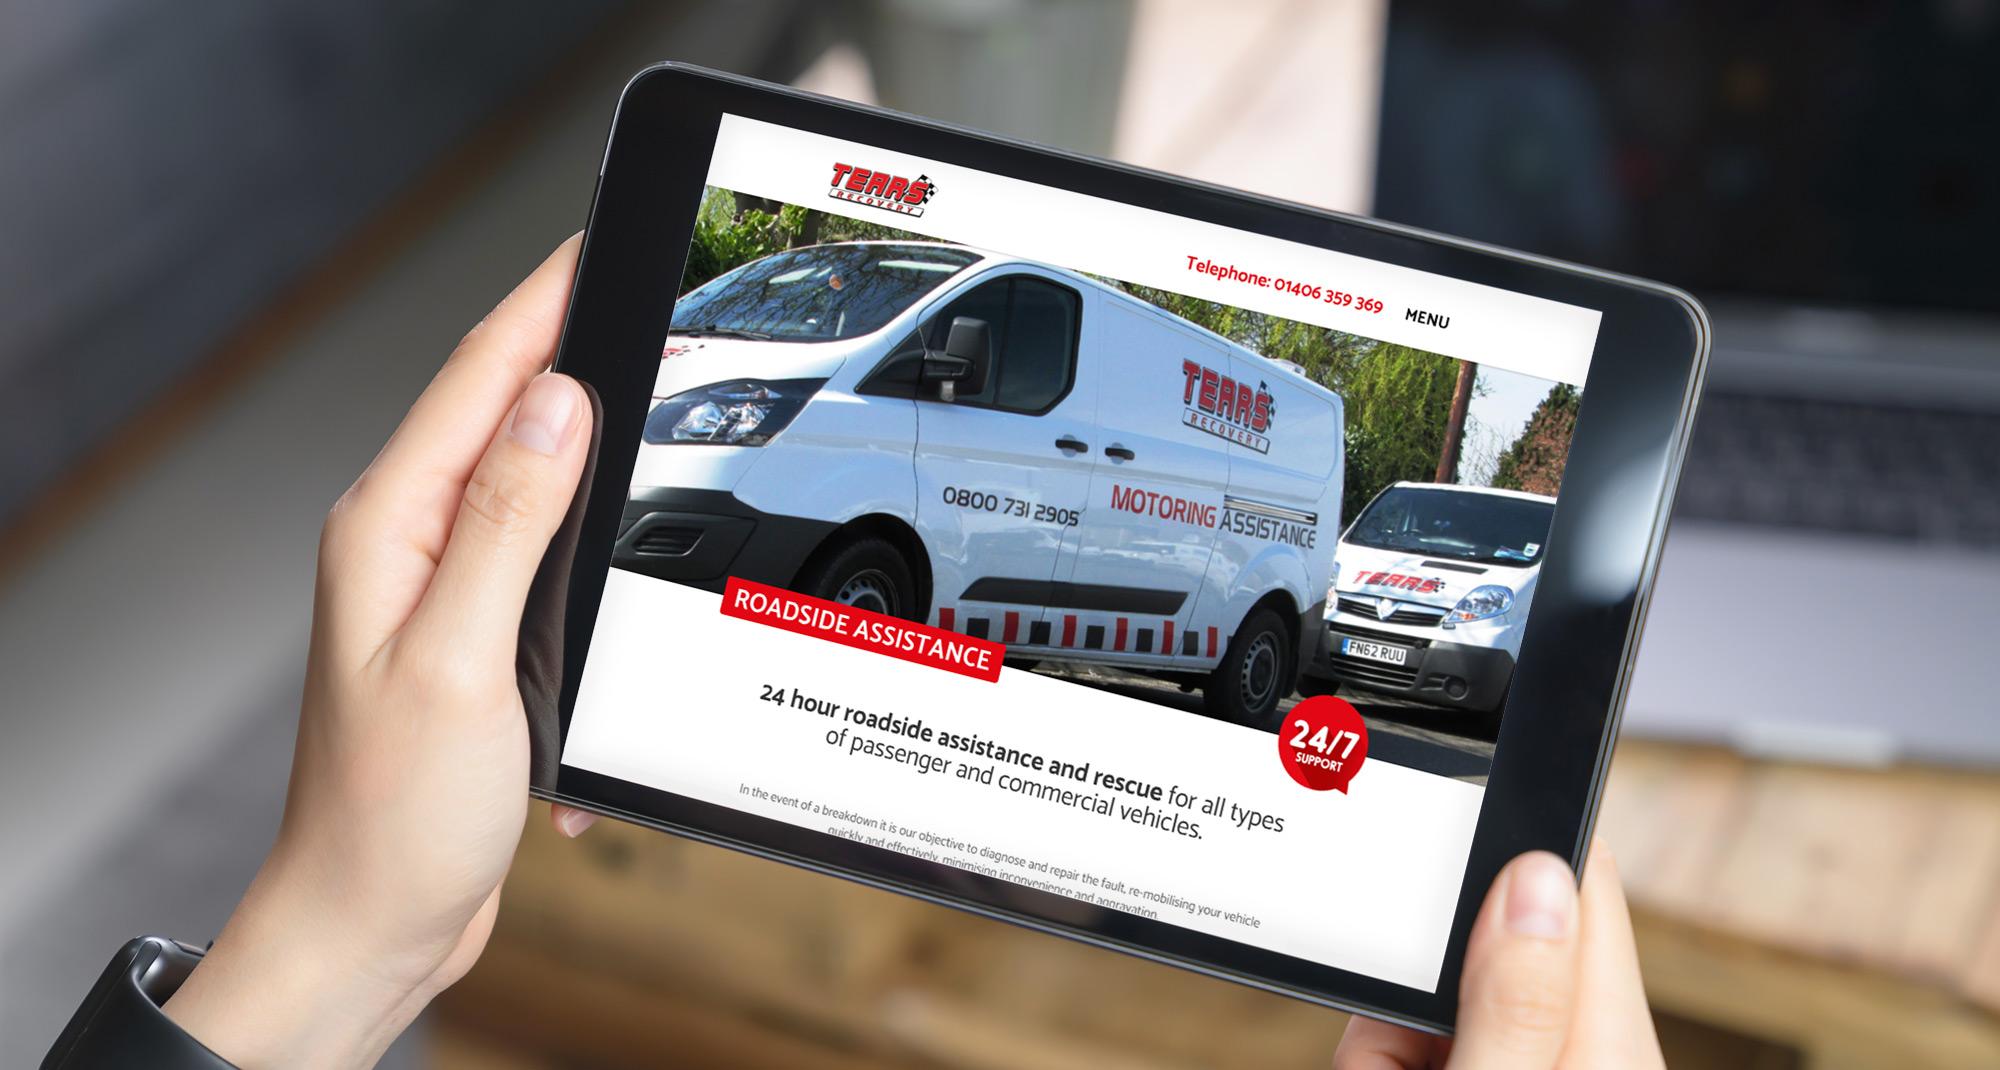 Farm Electronics website on a tablet